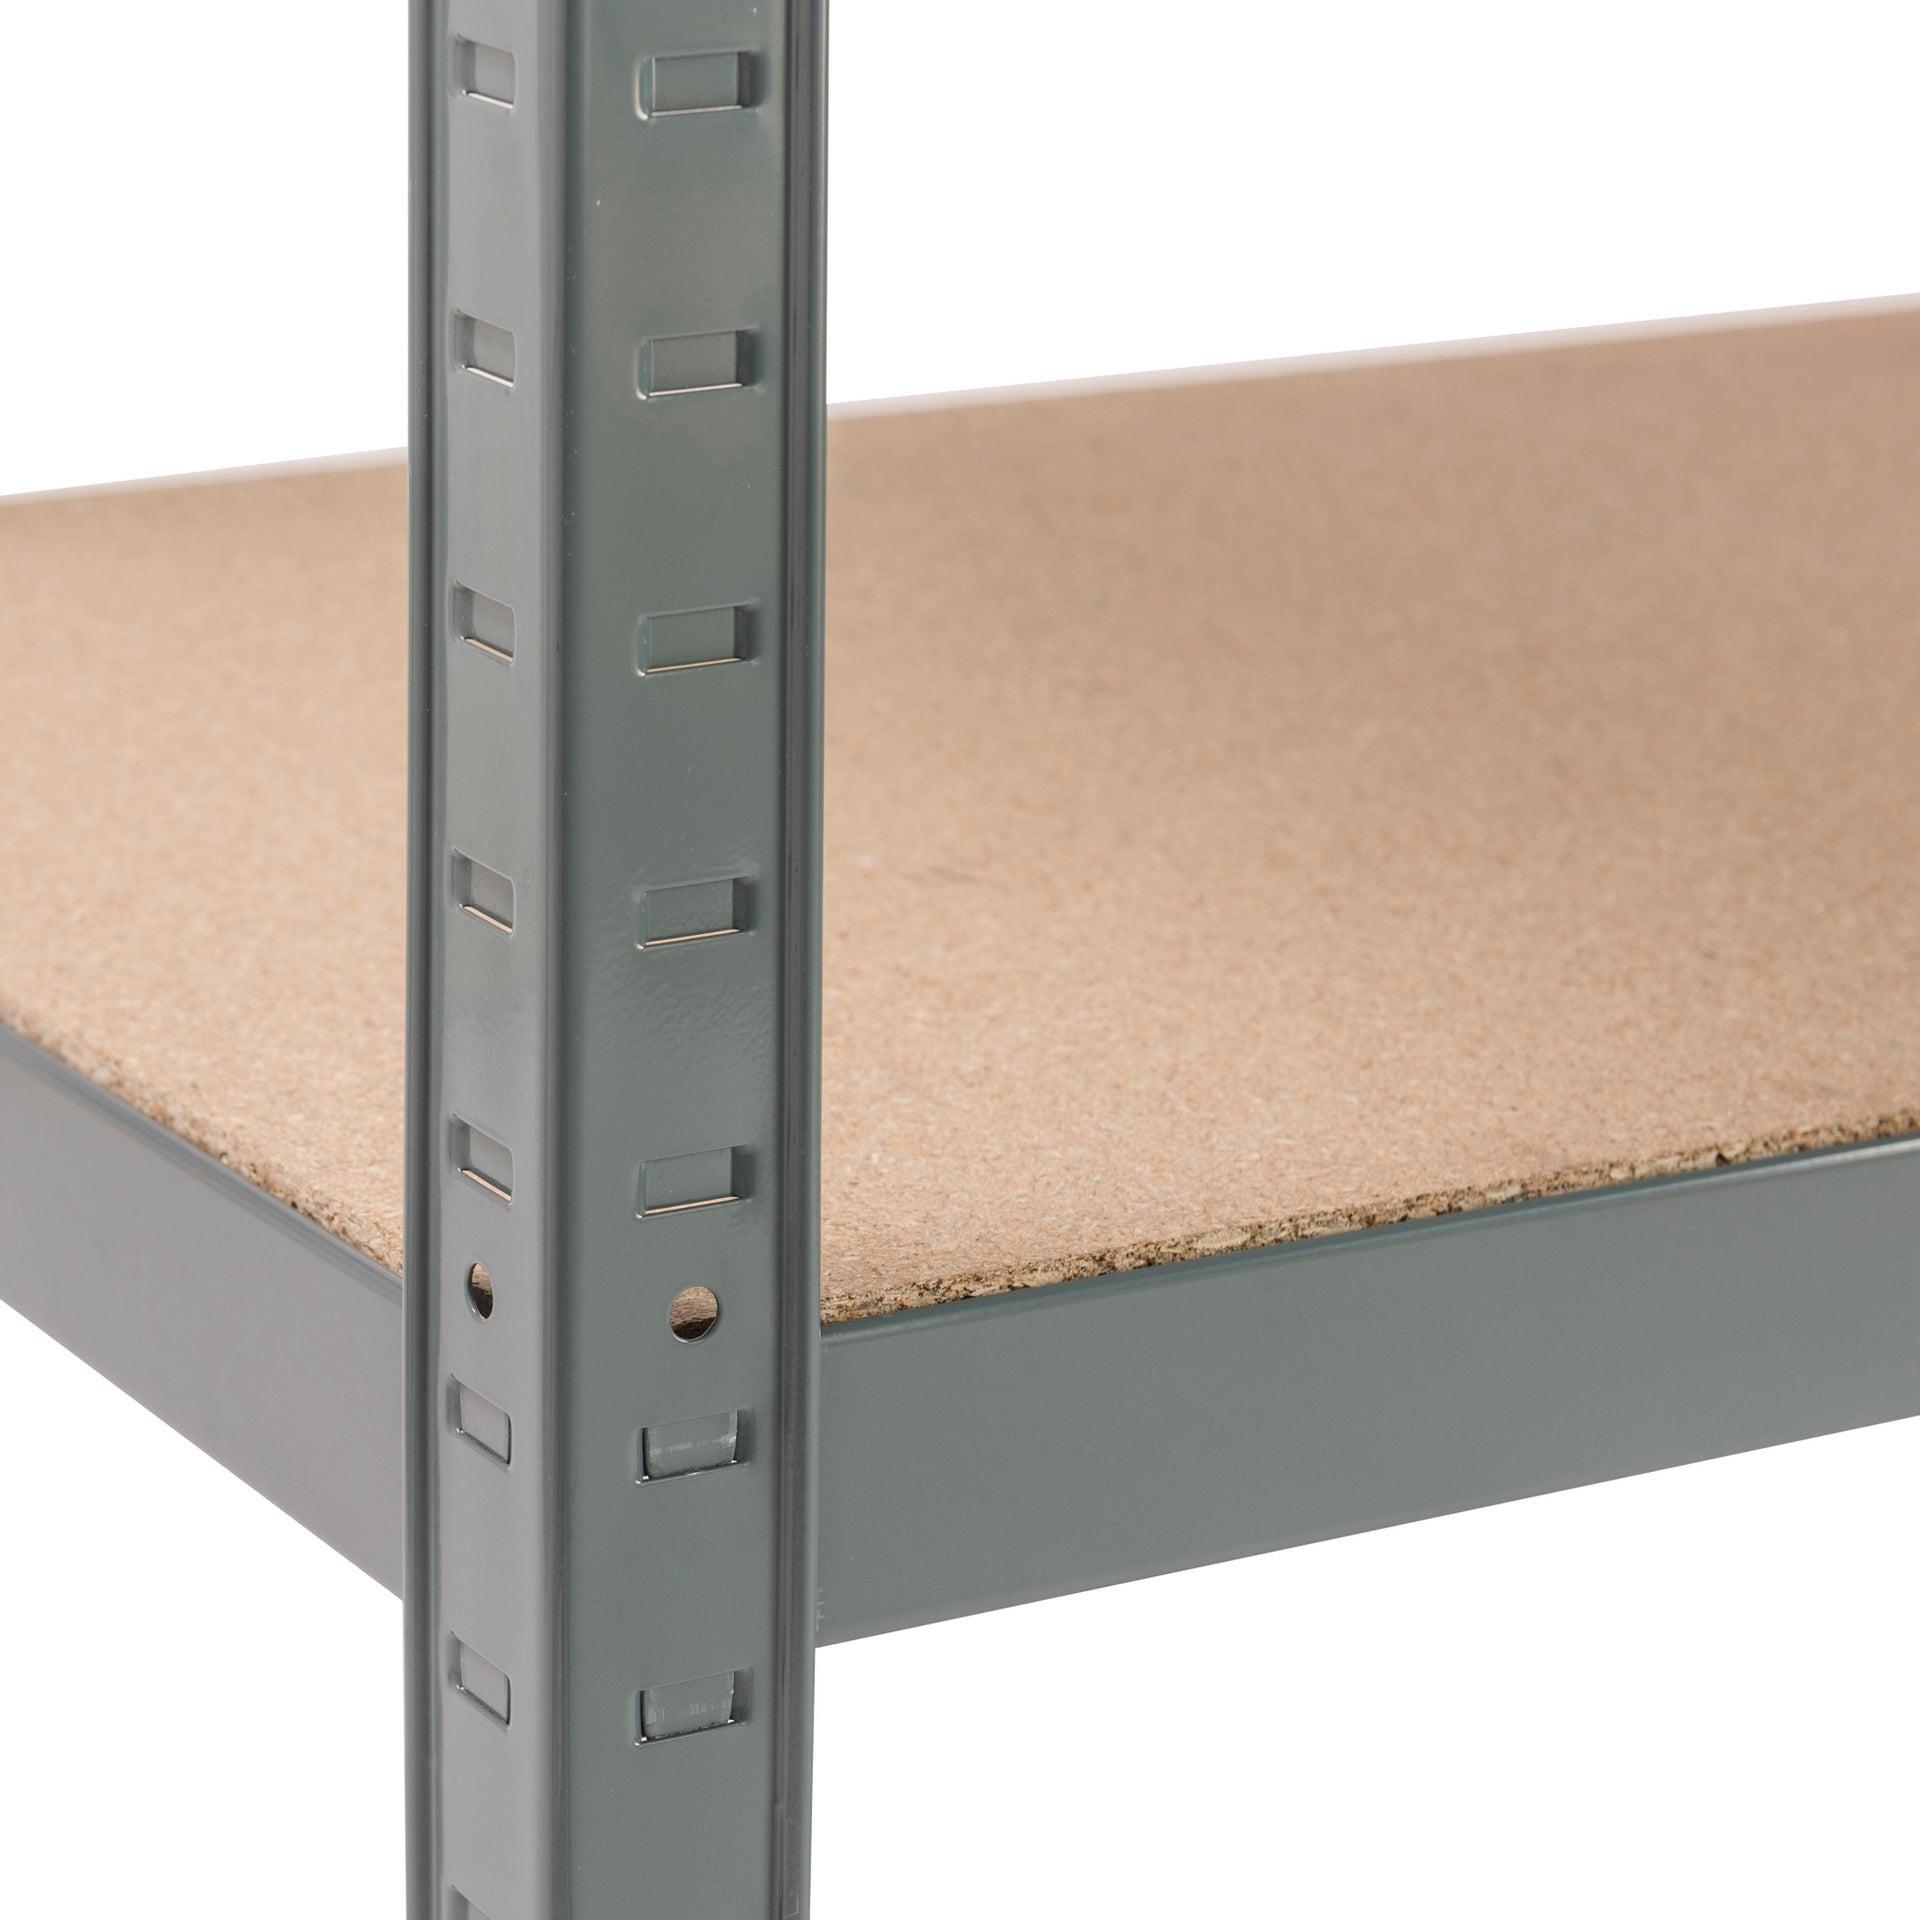 Scaffale in metallo in kit Spaceo L 120 x P 50 x H 196 cm grigio antracite - 13